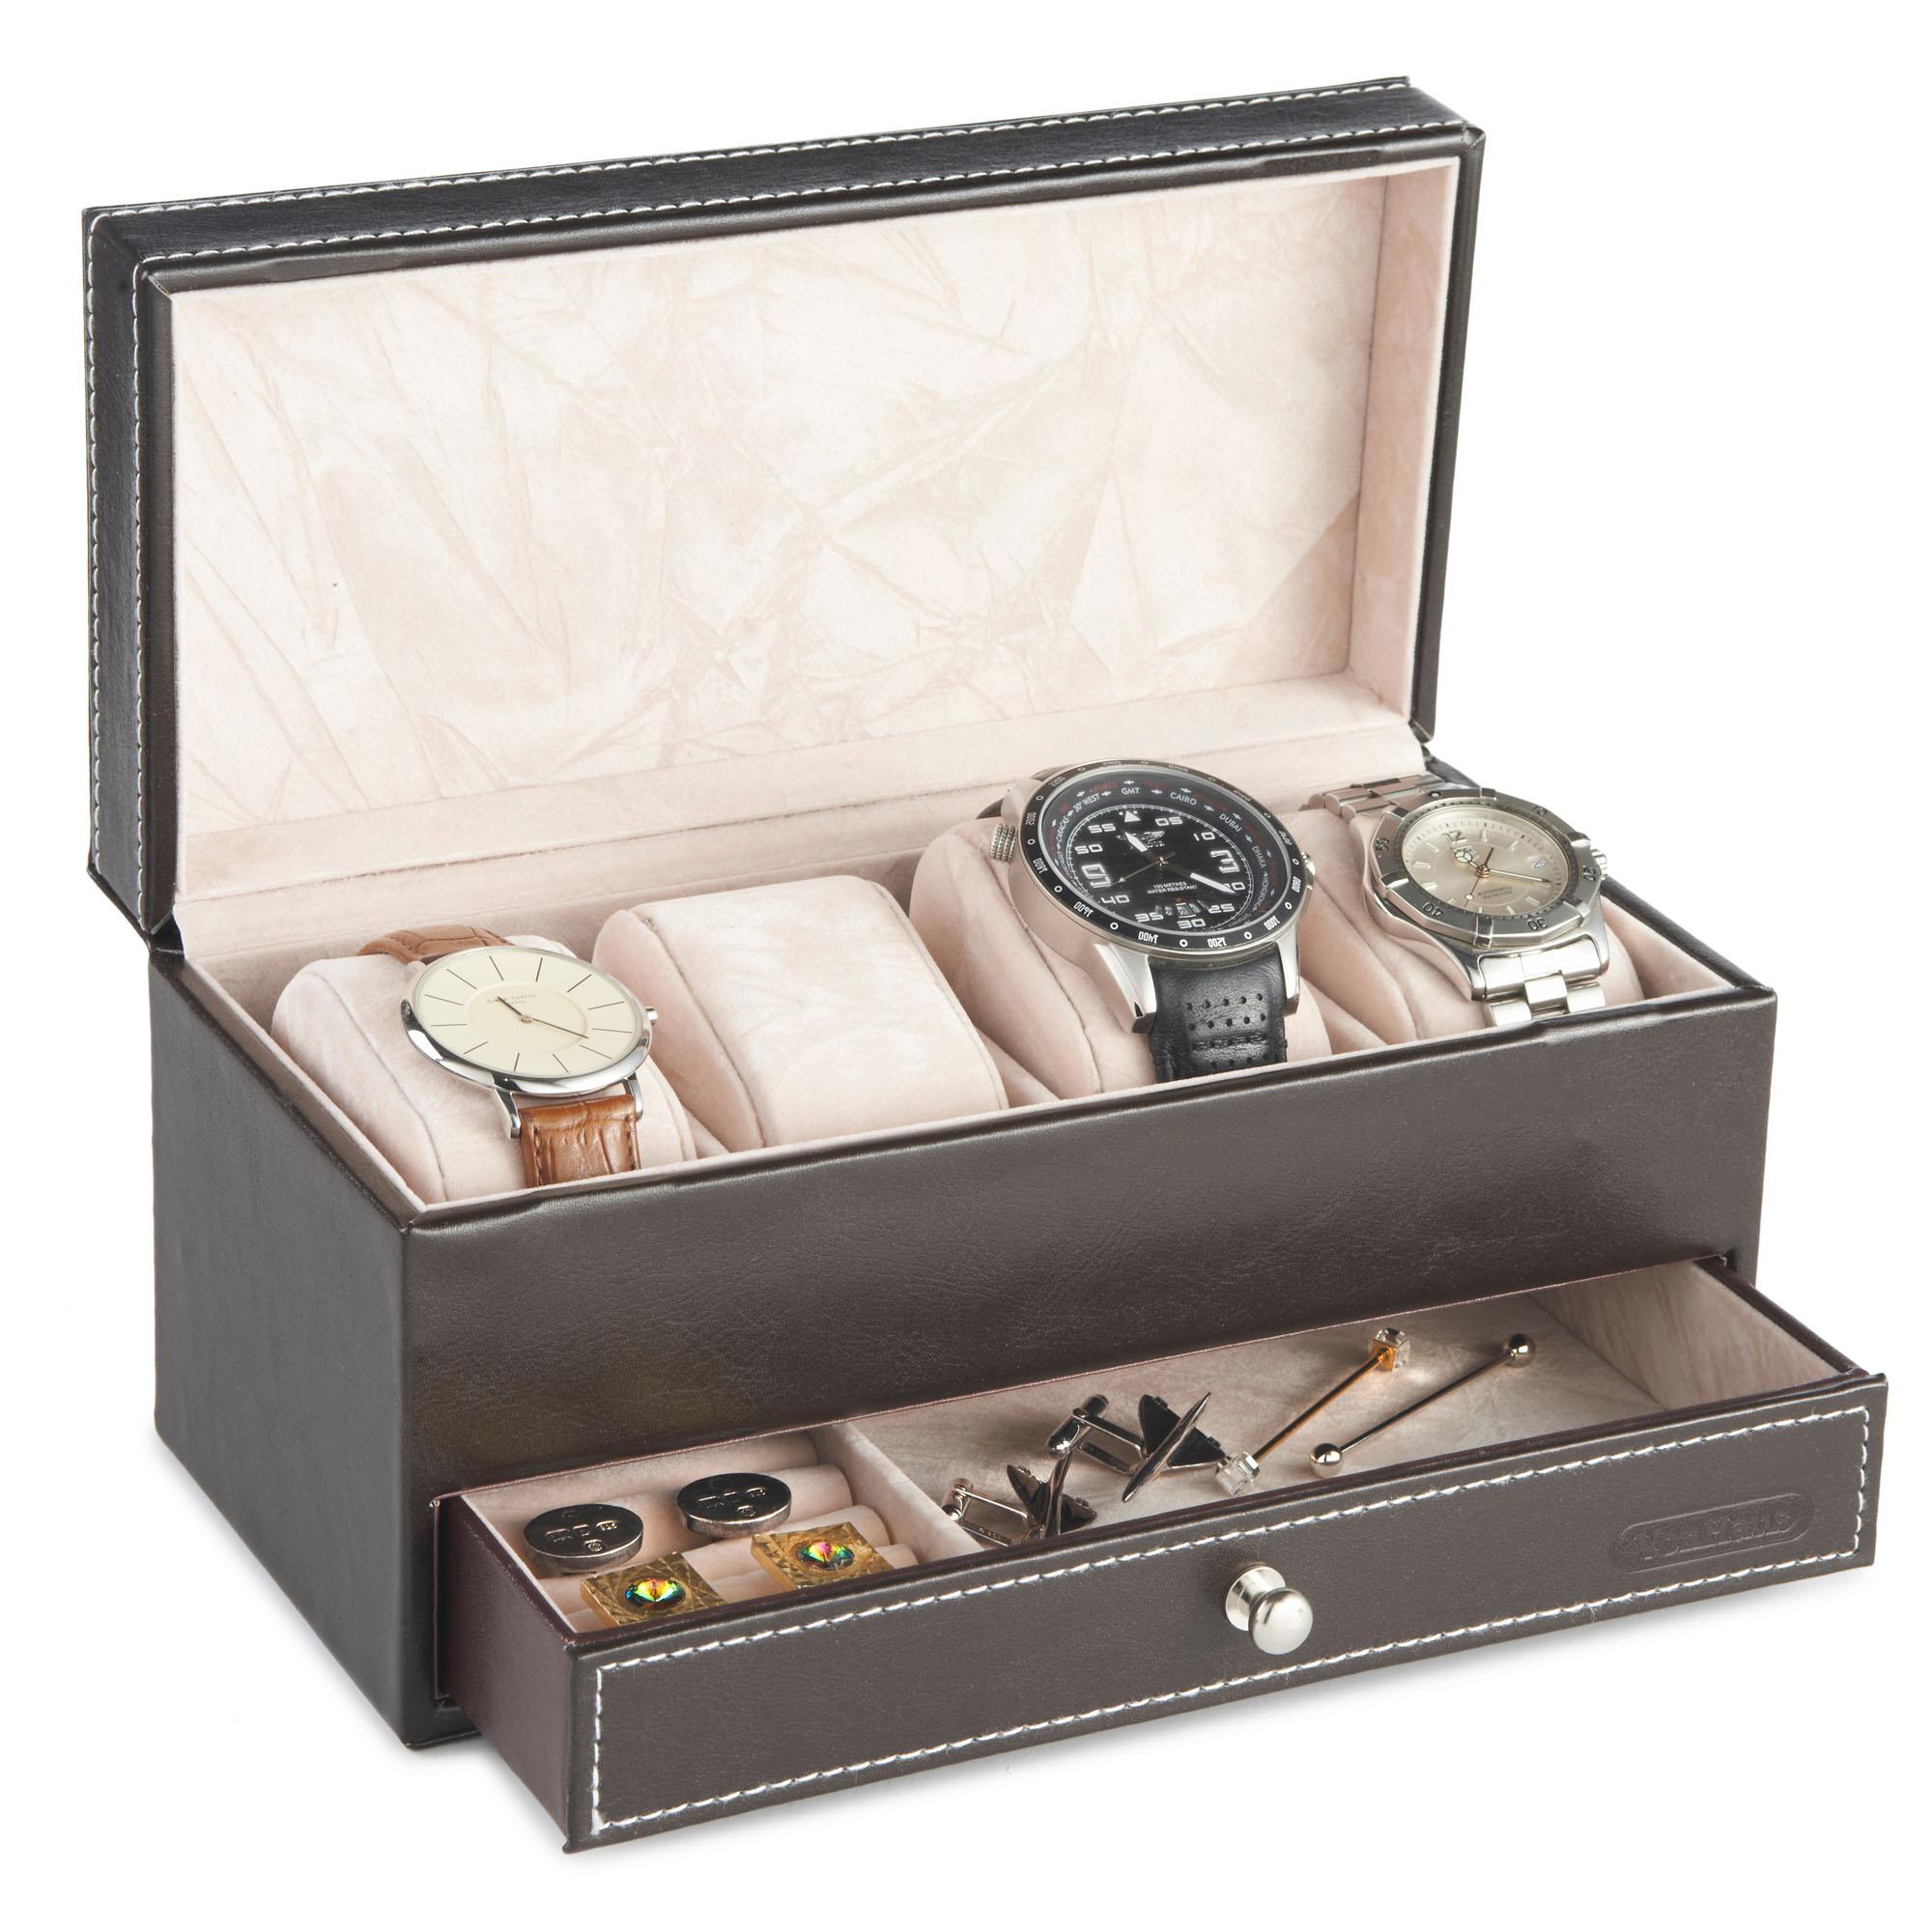 Vonhaus 4 Watch And Cufflink Display Box With Drawer Brown Faux